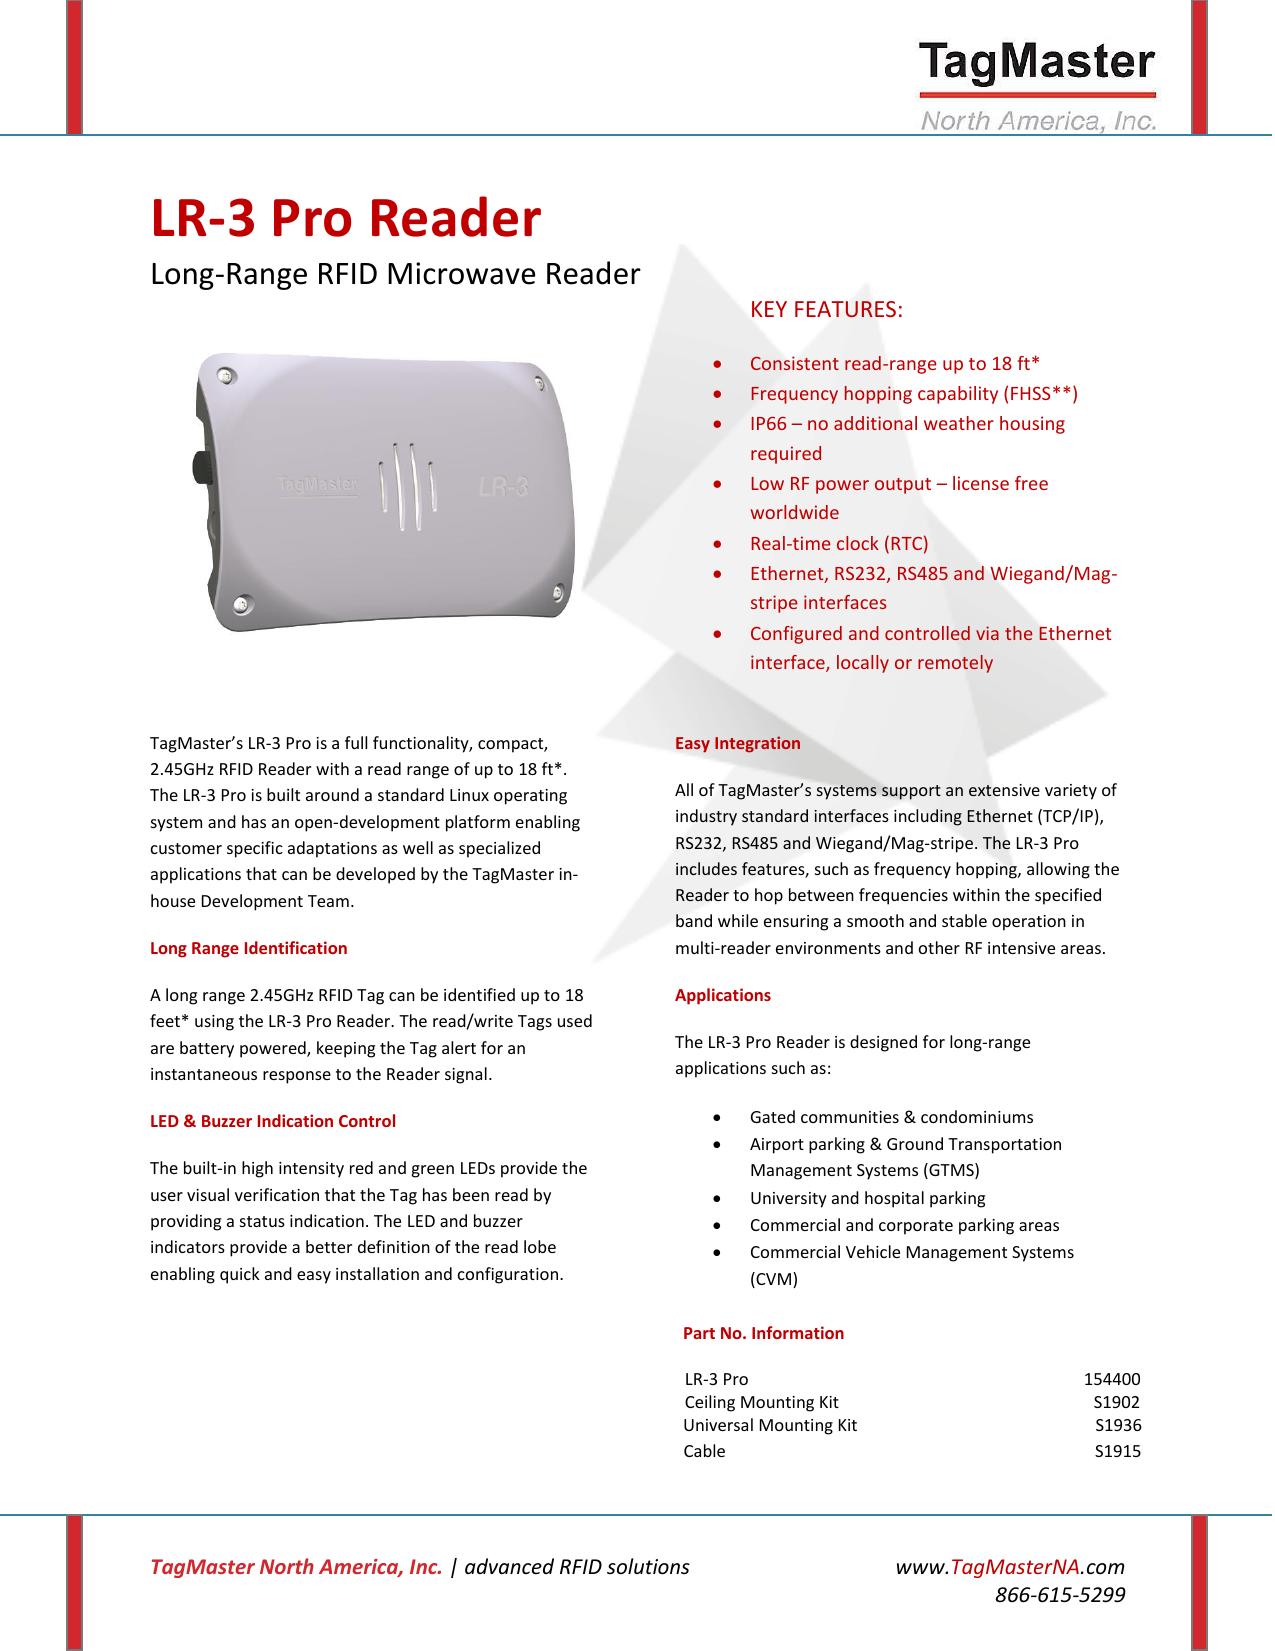 LR-3 Pro Reader - TagMaster North America | manualzz com